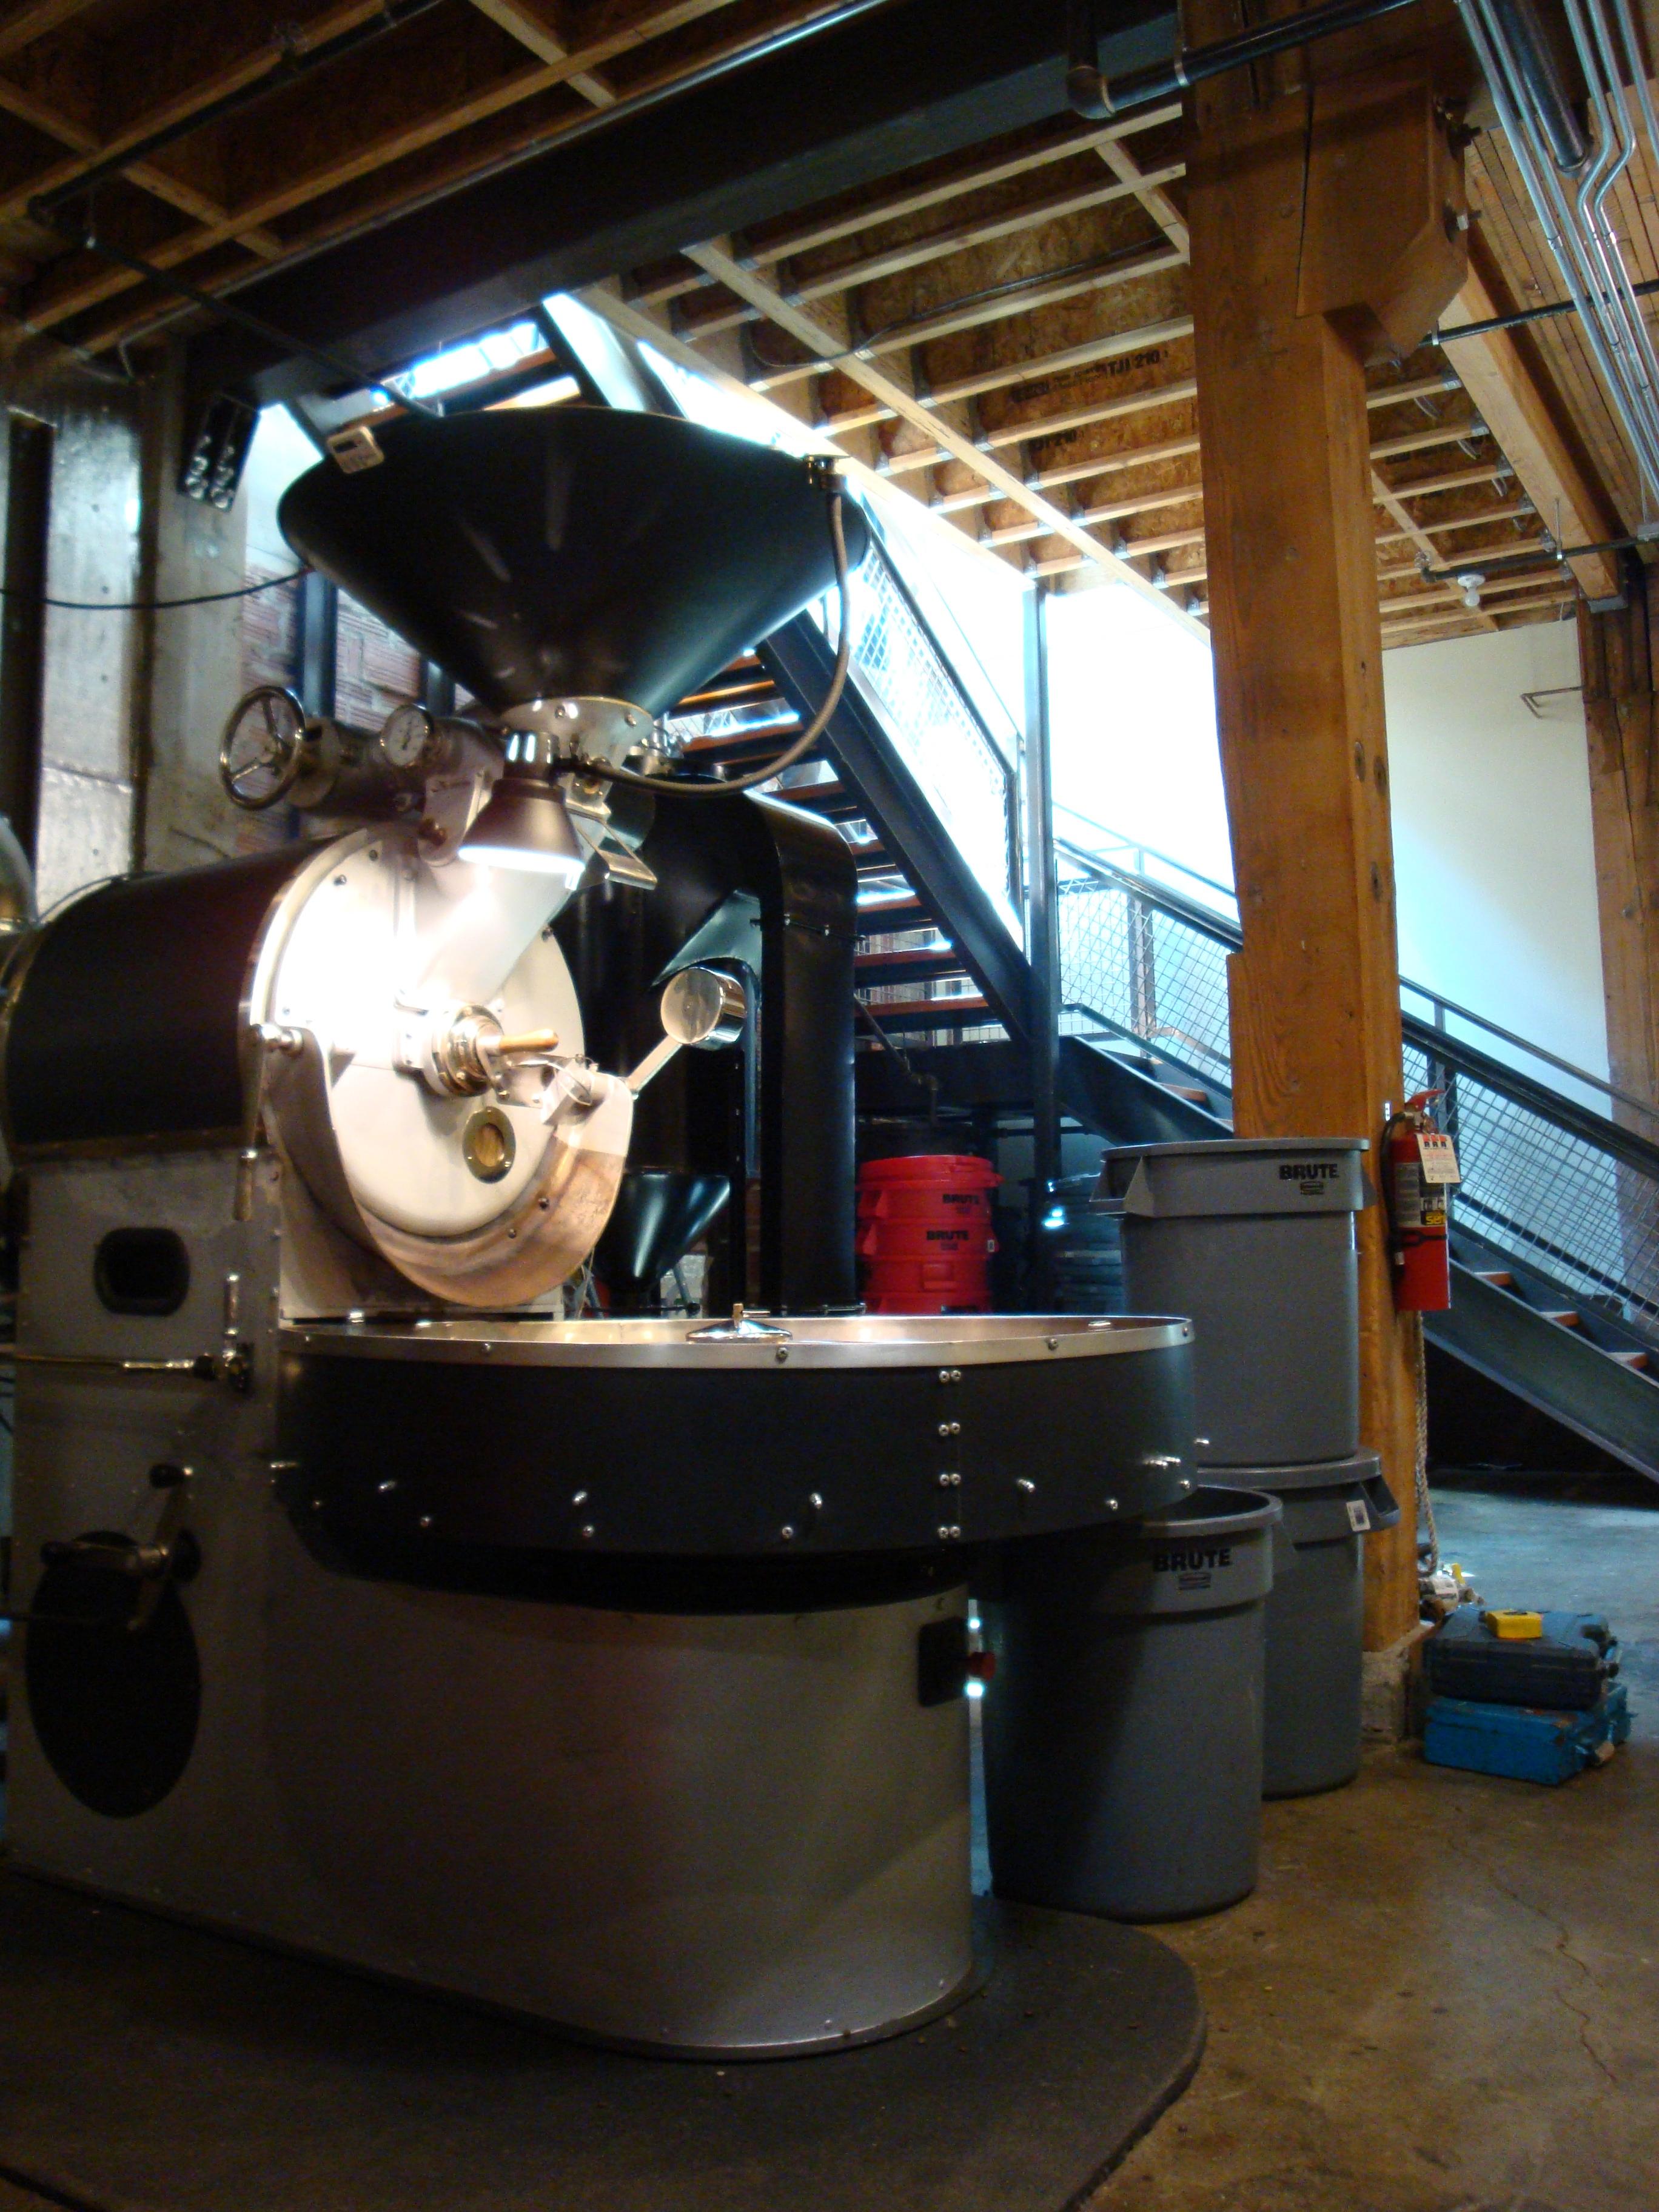 Stumptown's roasting machine